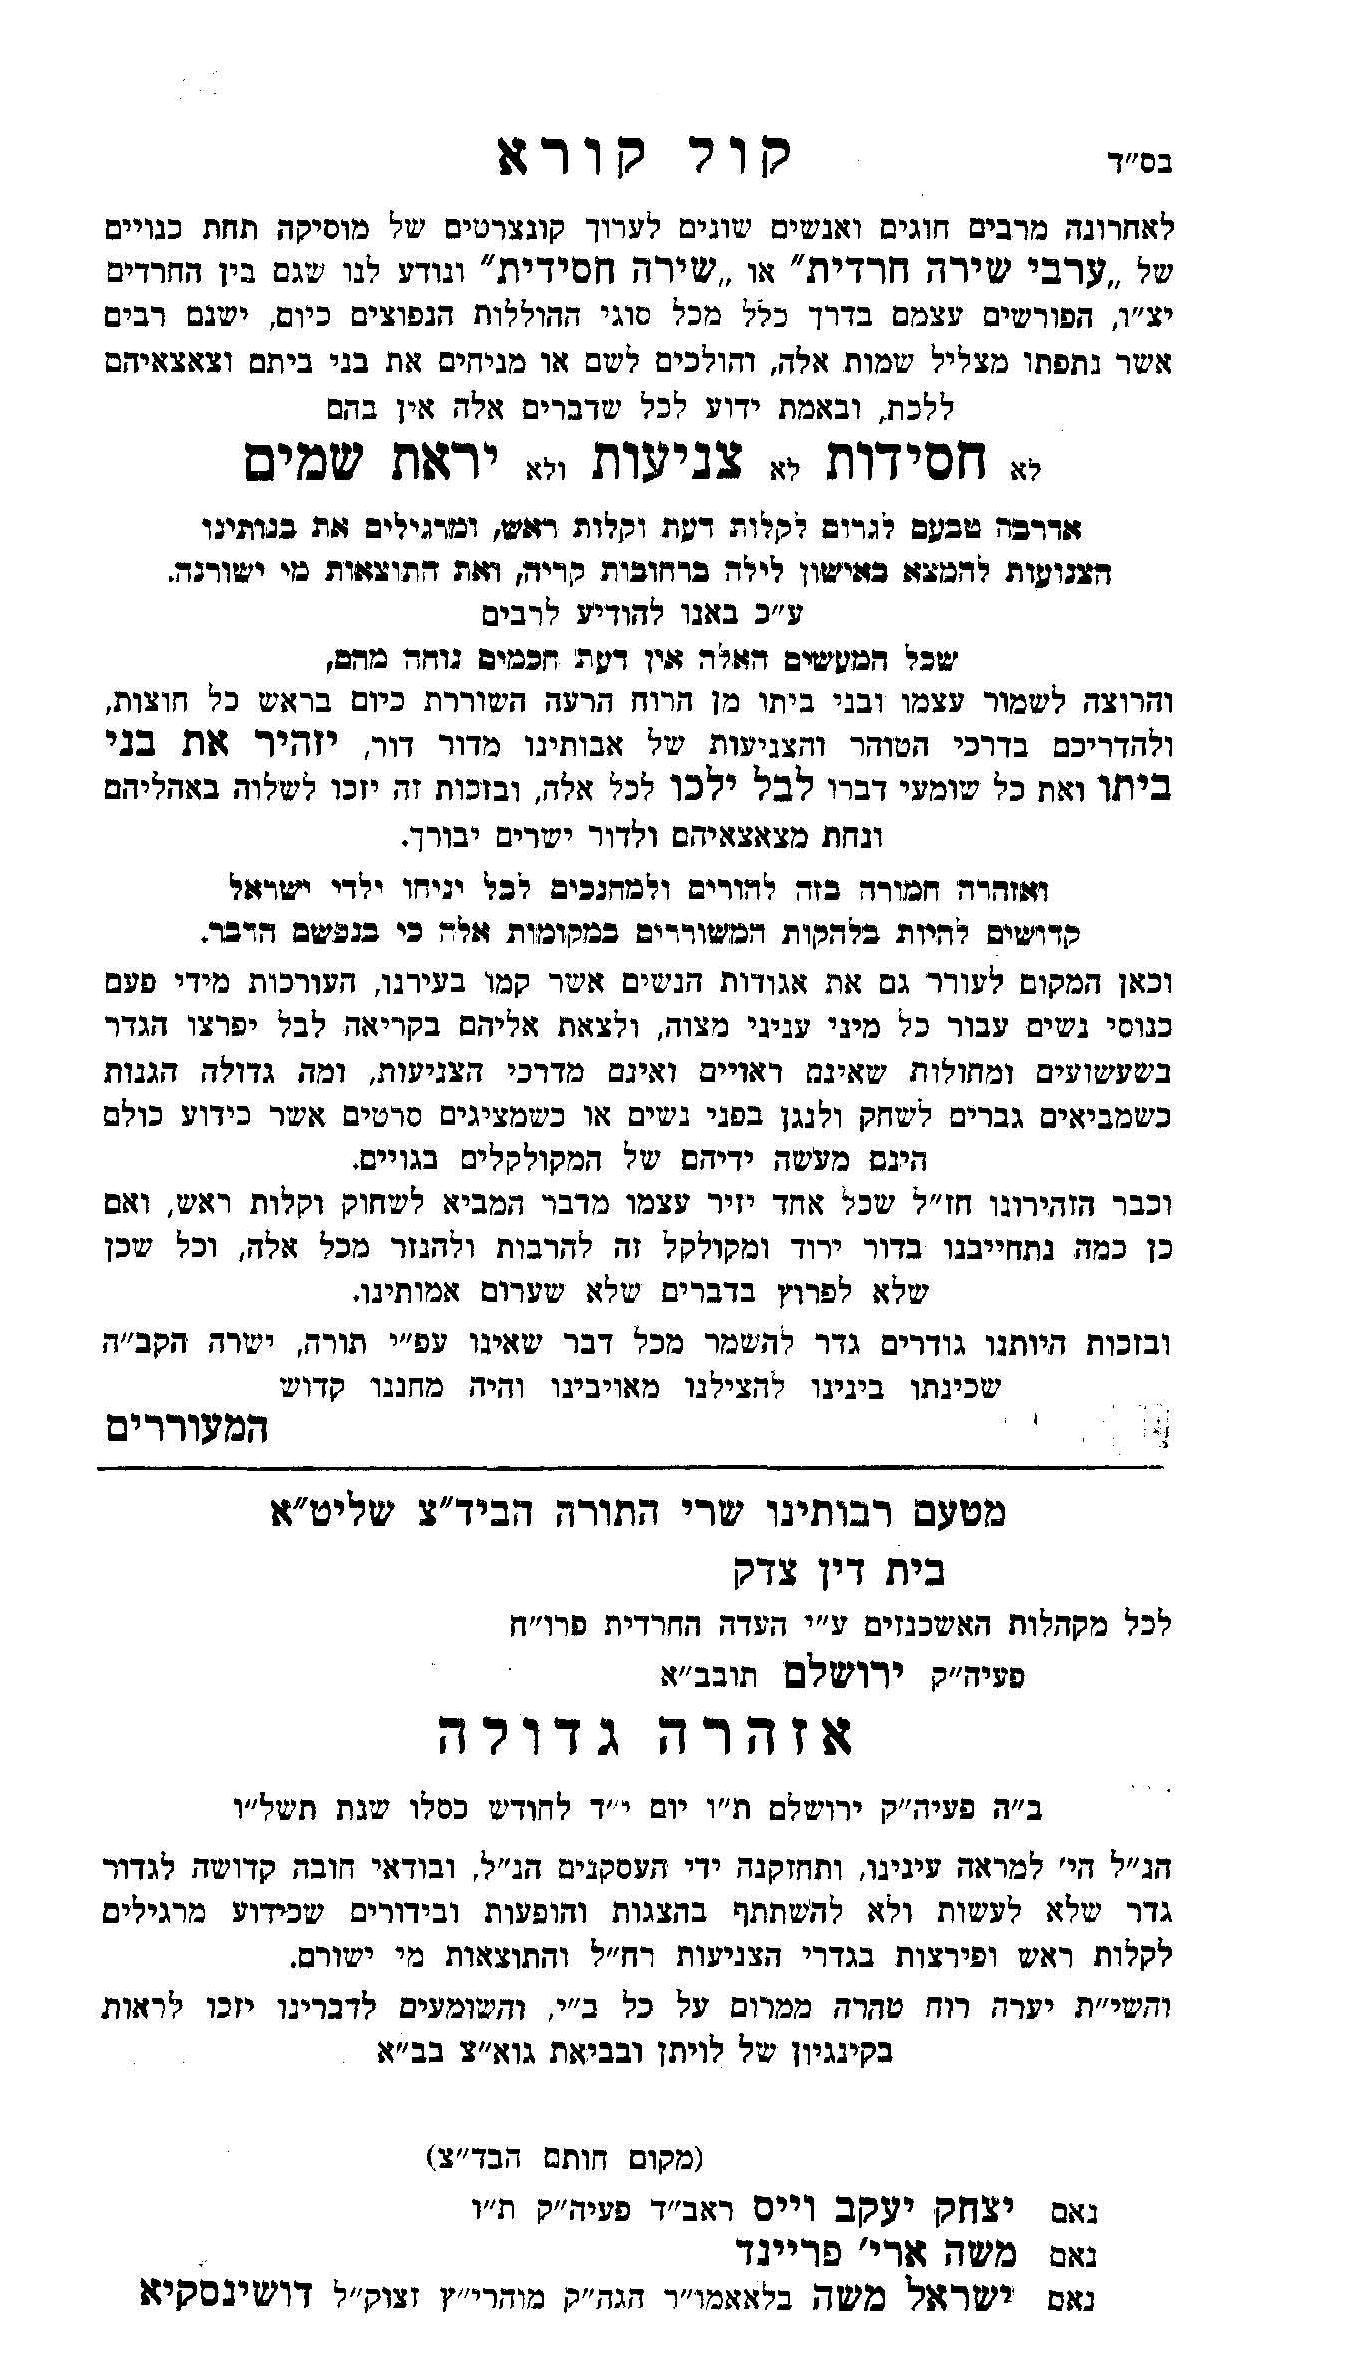 קול קורא משנת תשלו נגד ערבי שירה וכו' הובא באוצרות ירושלים - 1979-1980 תשל